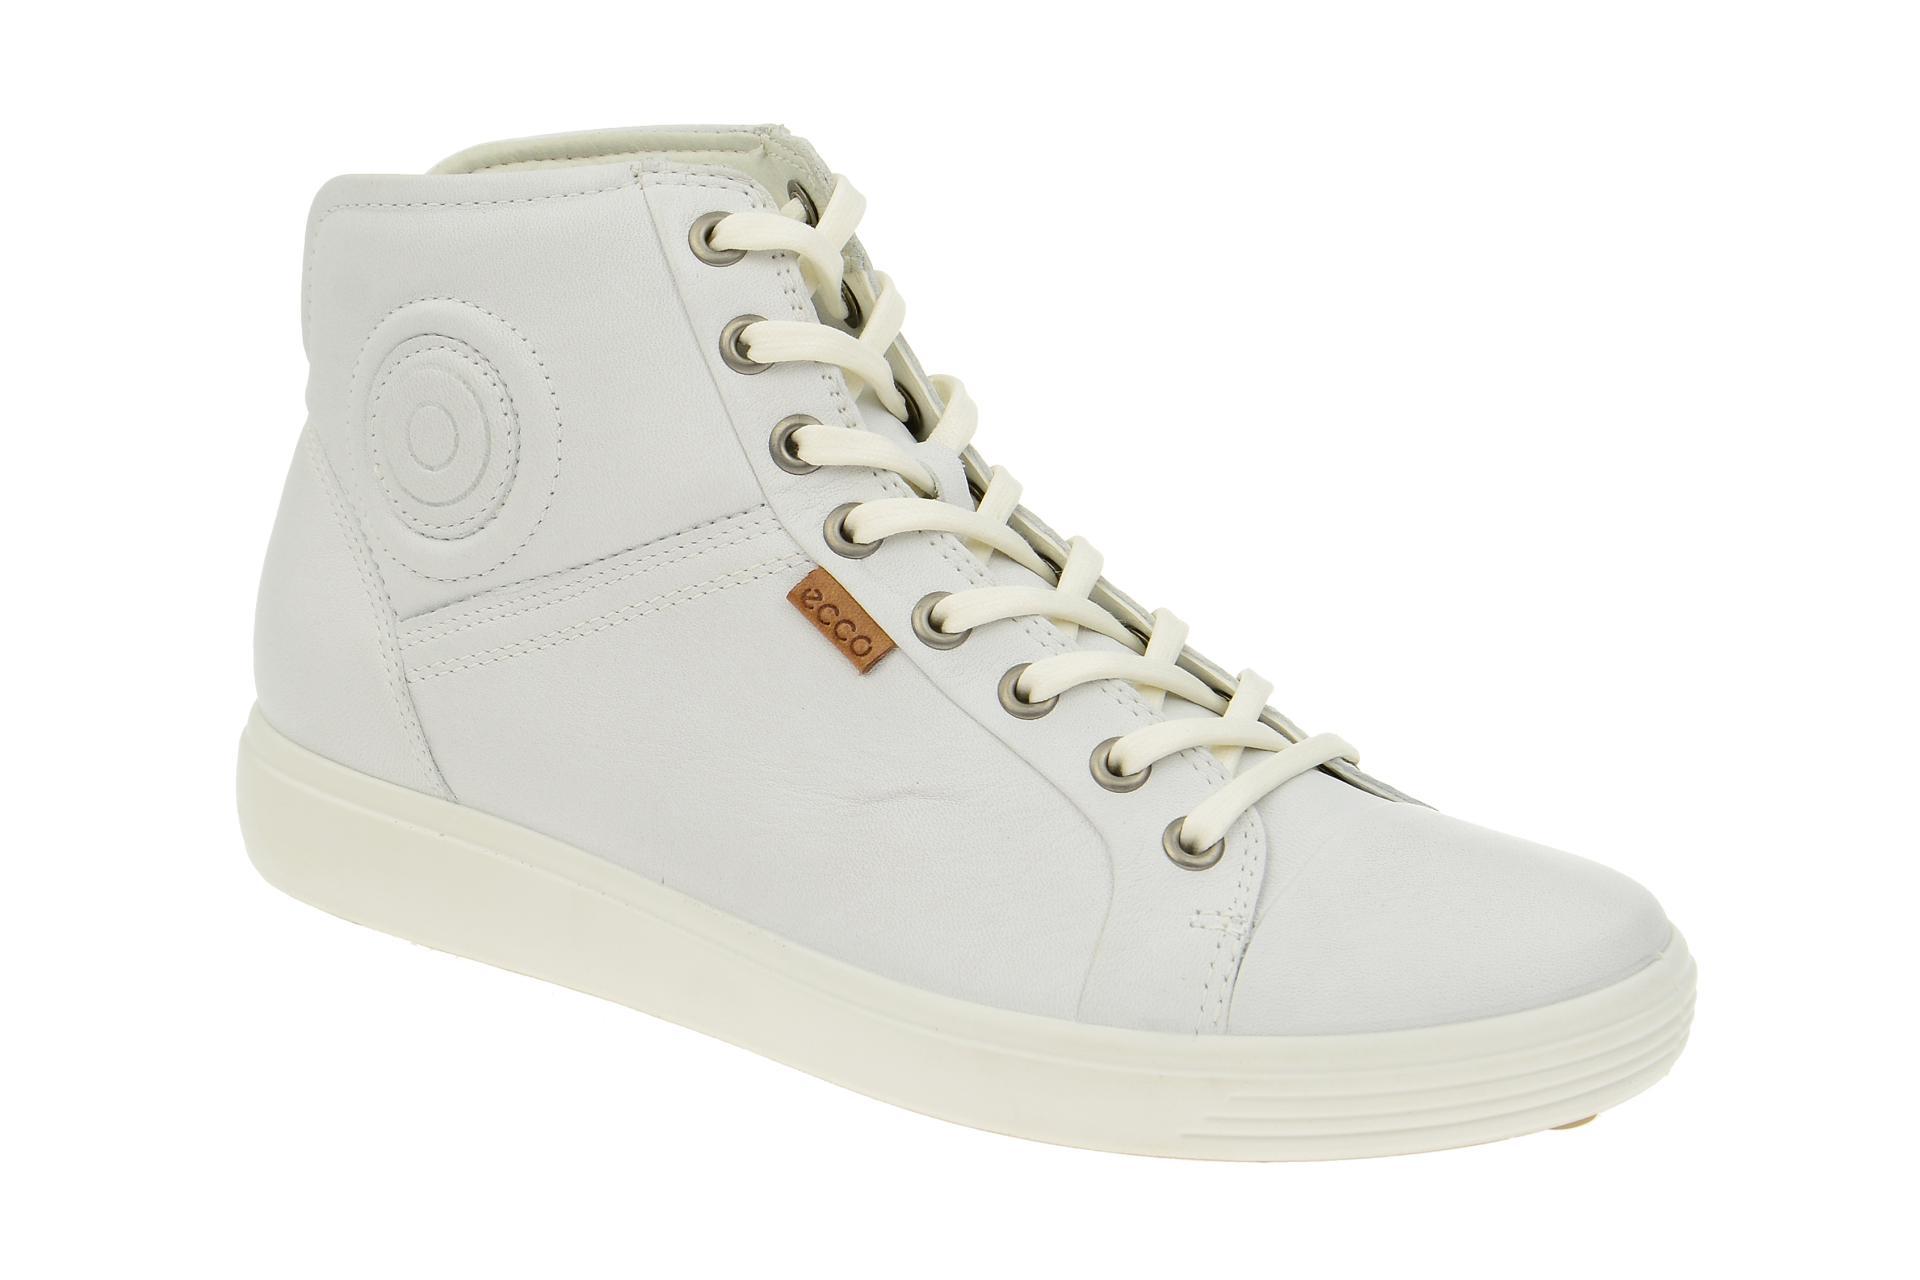 39d94e8966ff36 Ecco Soft 7 Stiefelette weiß Damen Boots - Schuhhaus Strauch Shop